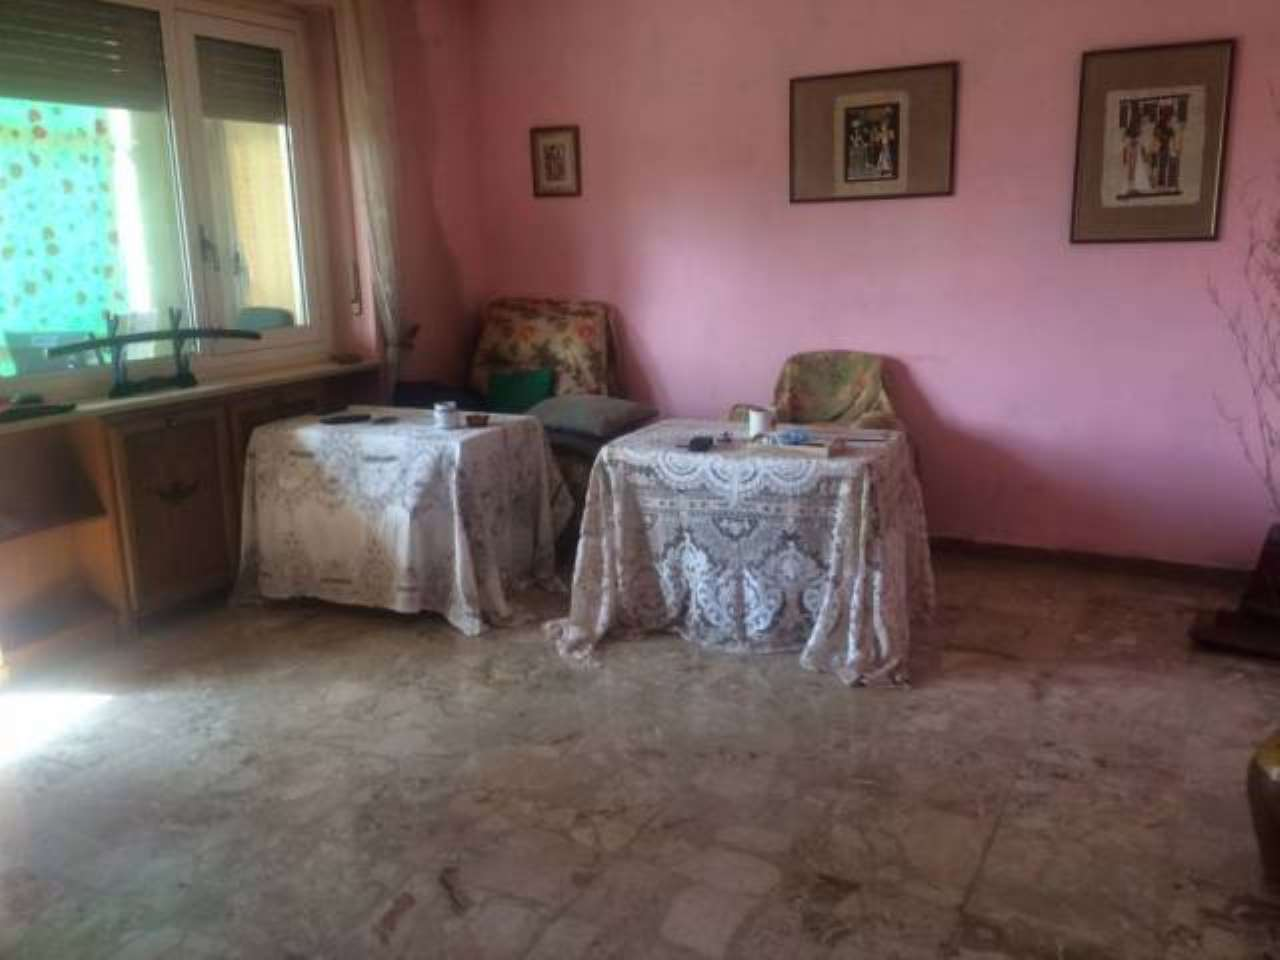 Italia Arreda Borgaro Torinese quadrilocale in vendita a torino - zona: 16 . mirafiori, centro europa,  città giardino